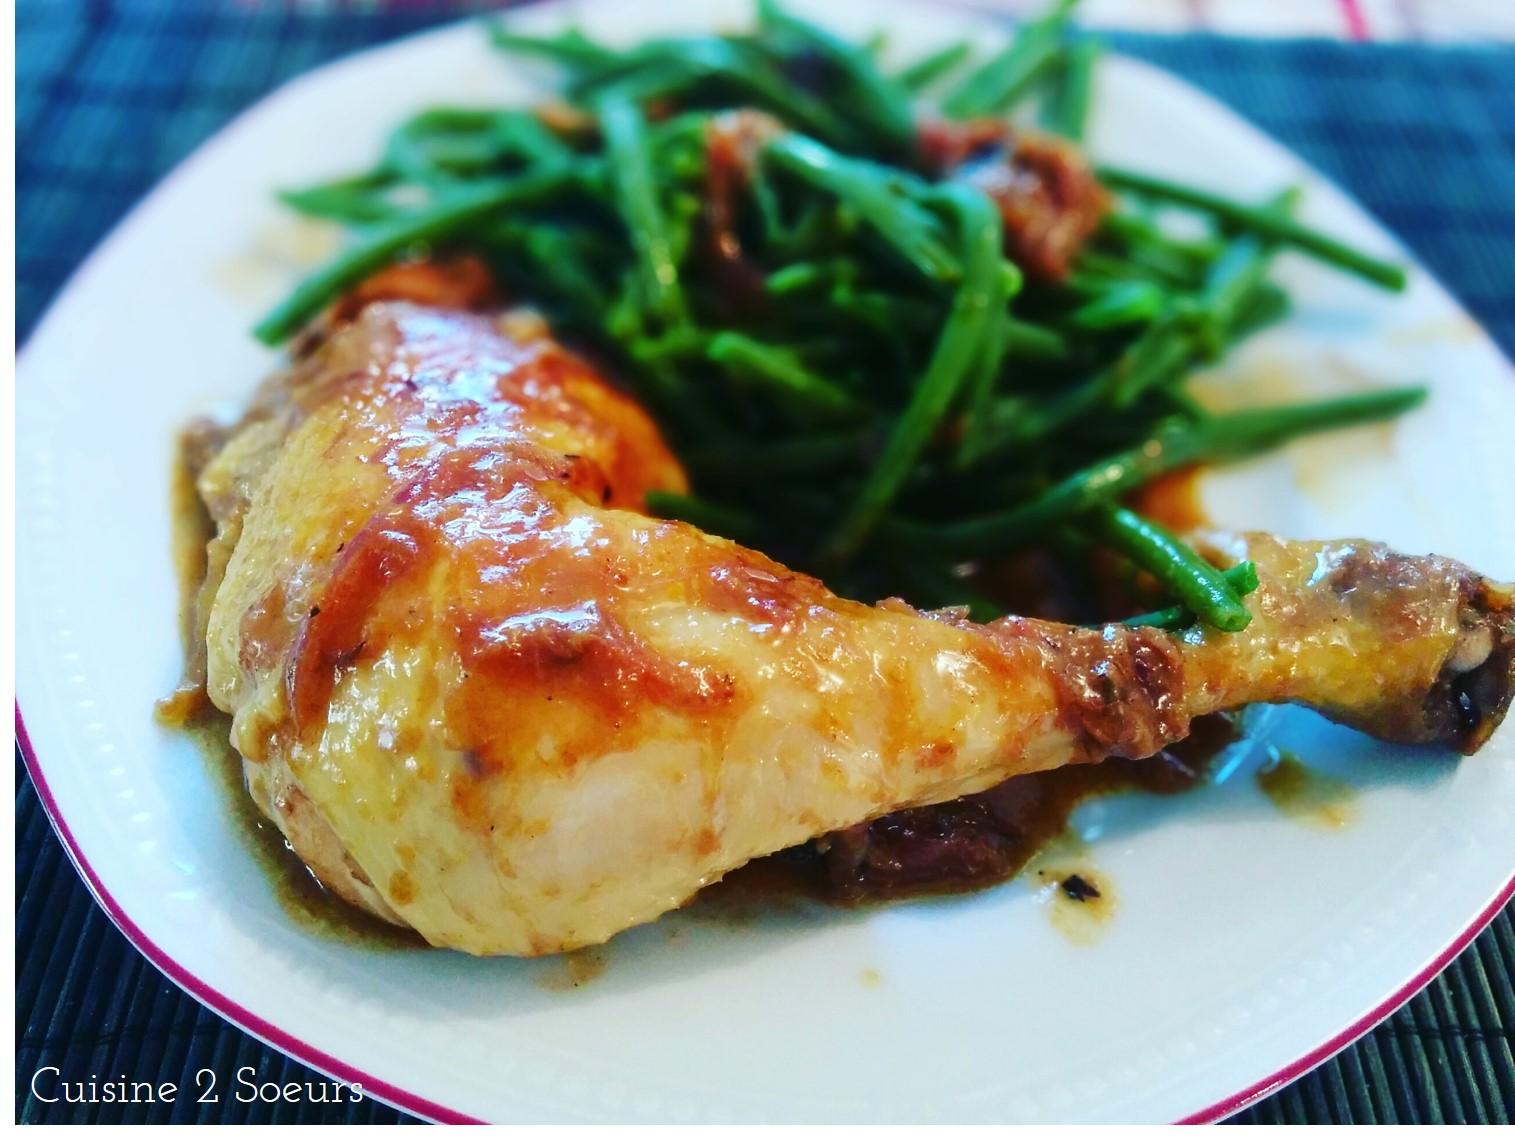 Cuisine 2 soeurs cuisse de poulet au curry vert - Cuisine thai poulet curry vert ...